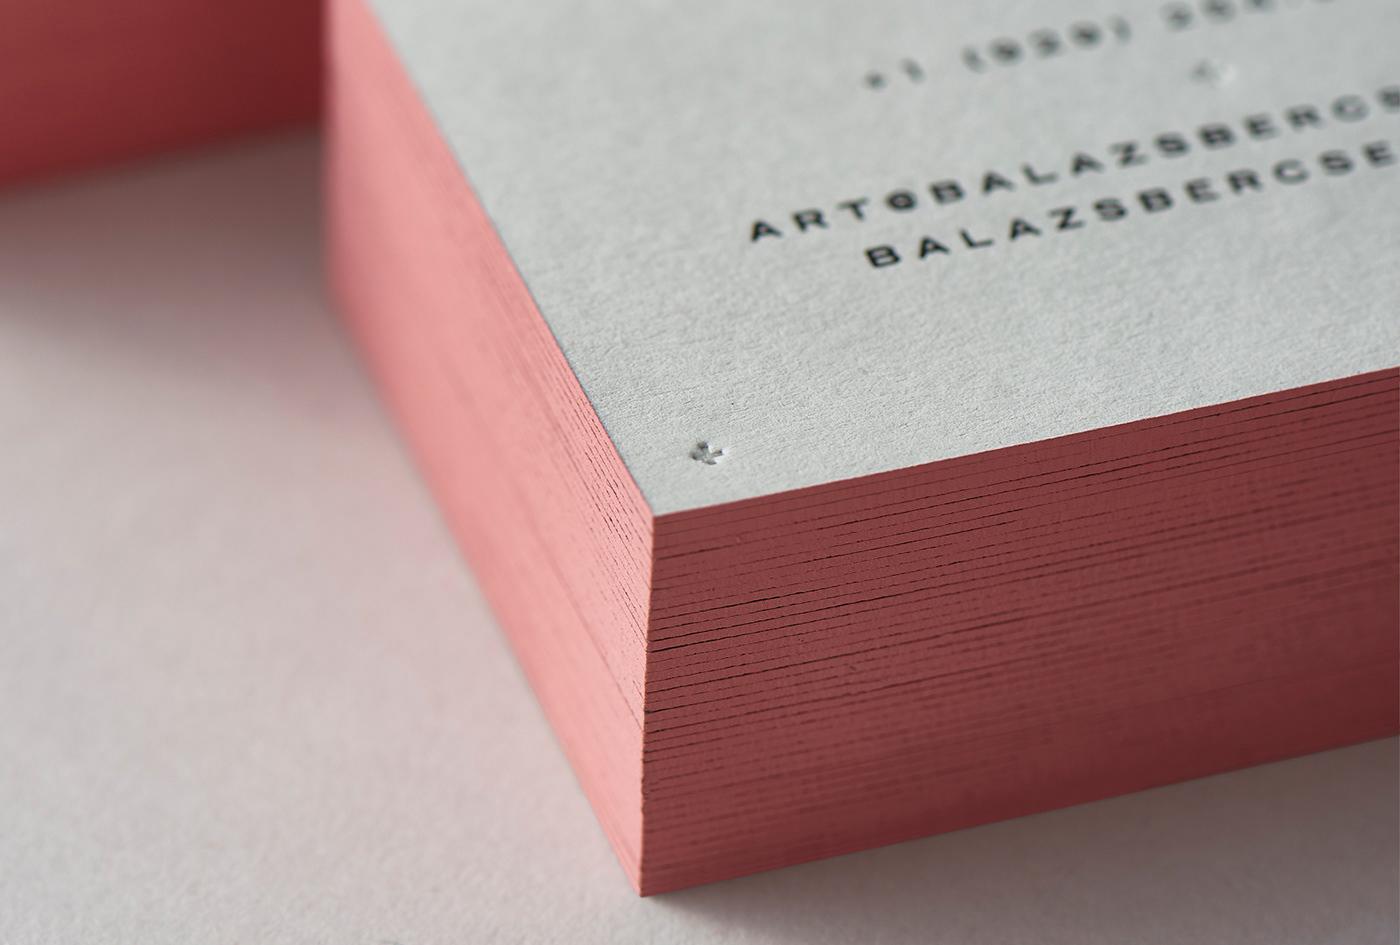 Image may contain: book, handwriting and box